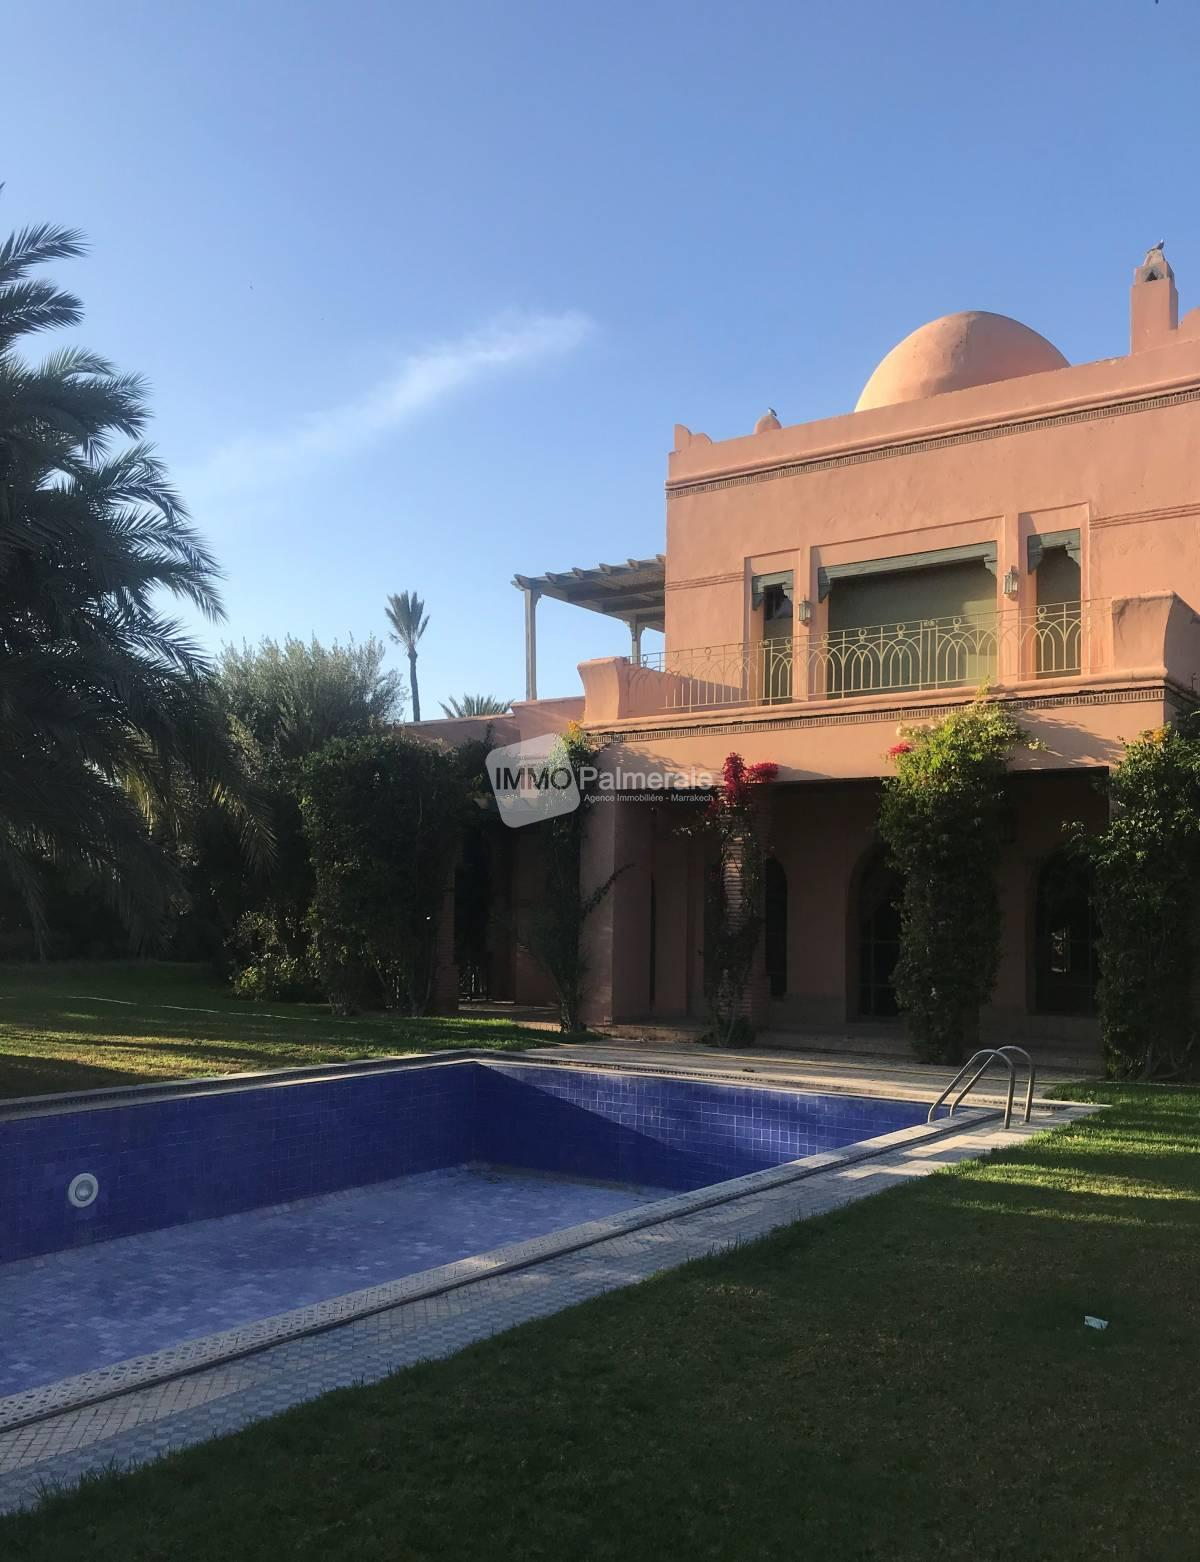 Une superbe villa au cœur de la palmeraie